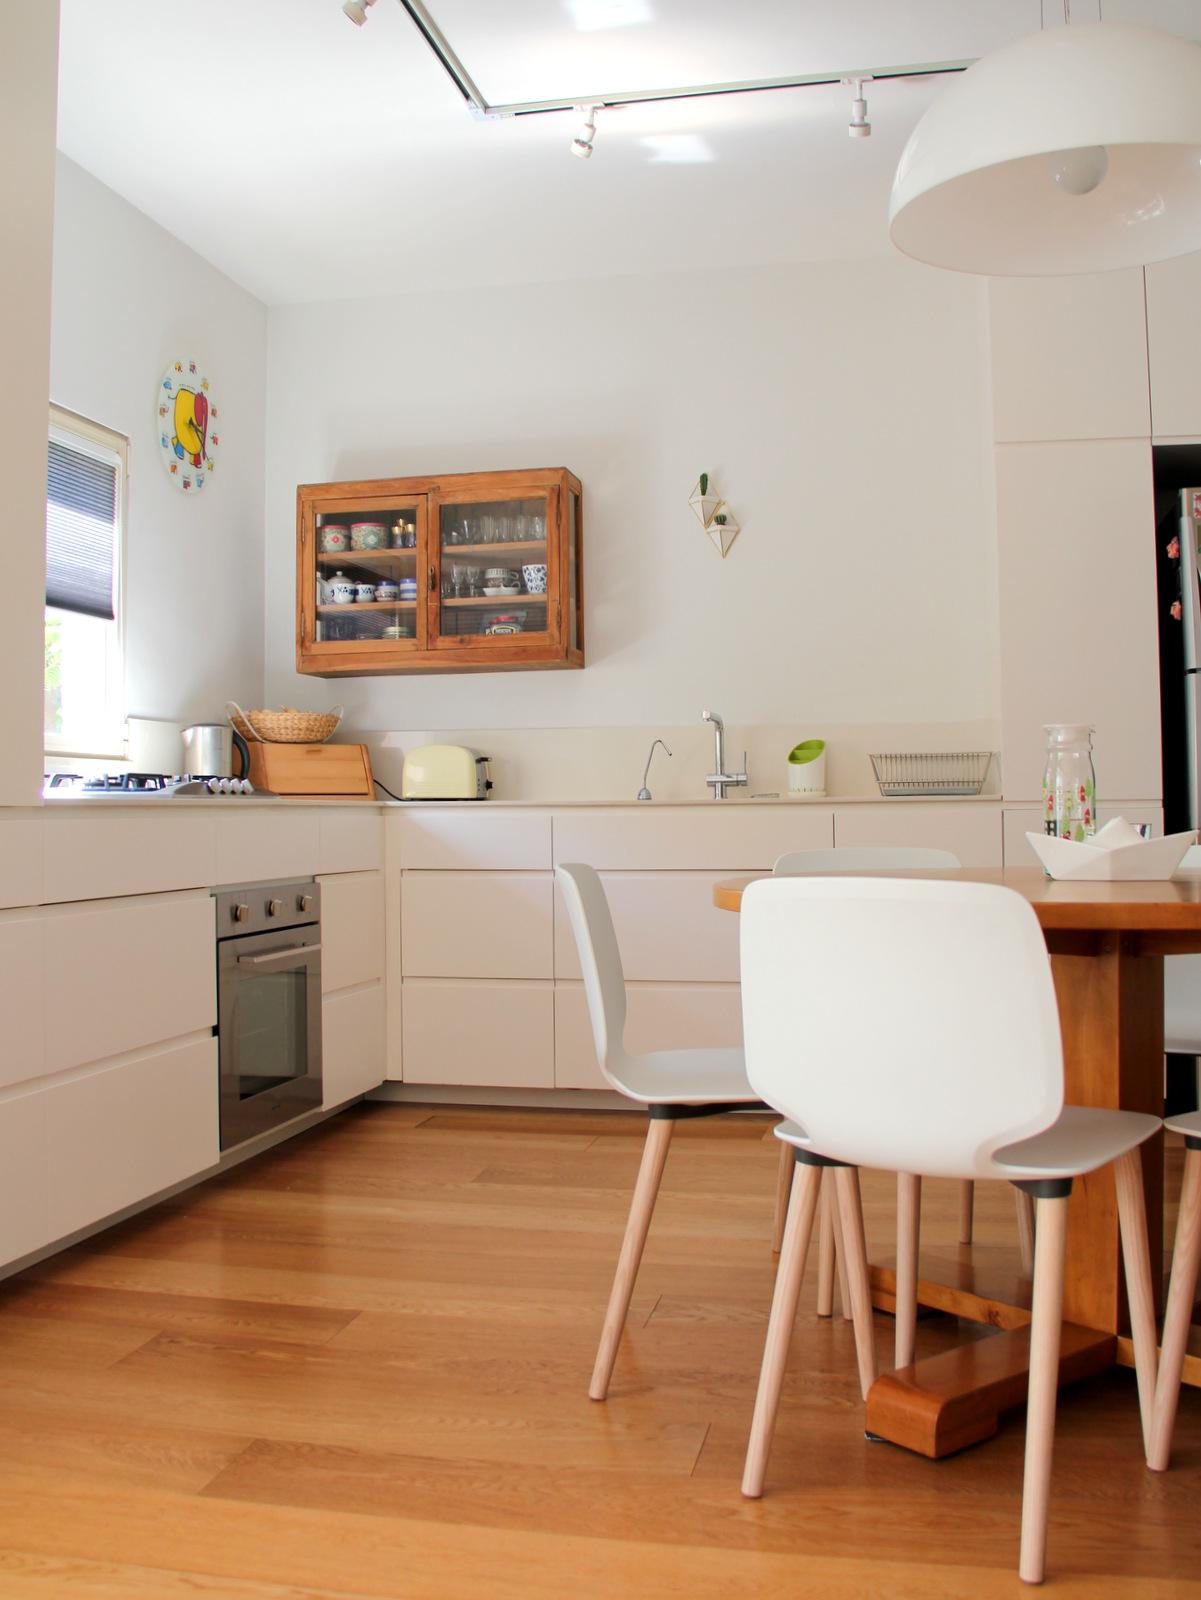 מטבח בוהו מודרני עיצוב לירון גונן סטודיו מיס גרות